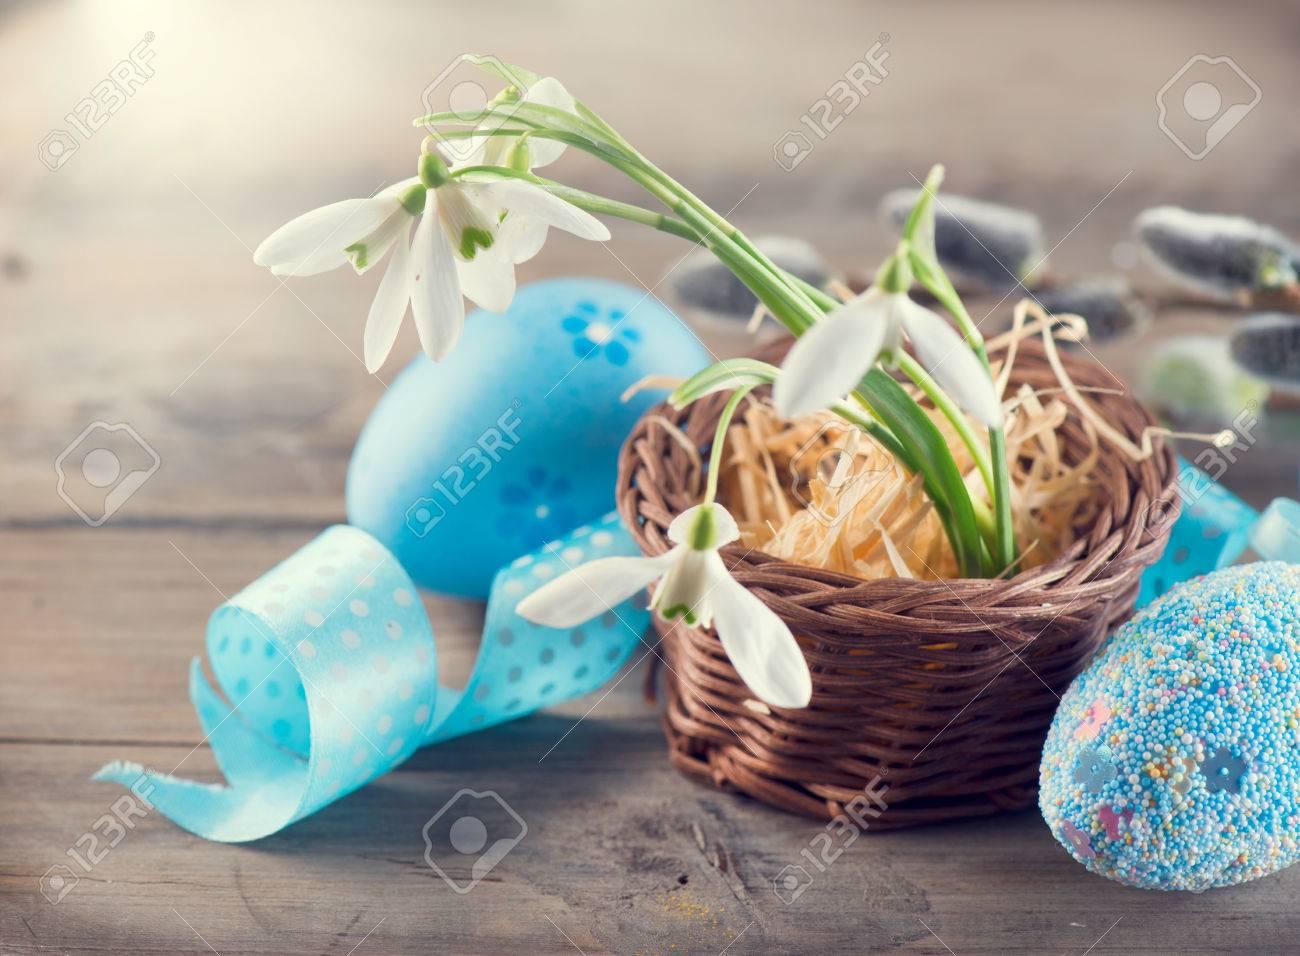 Ostern Konzept Bunte Blaue Eier Und Frühling Schneeglöckchen Blumen